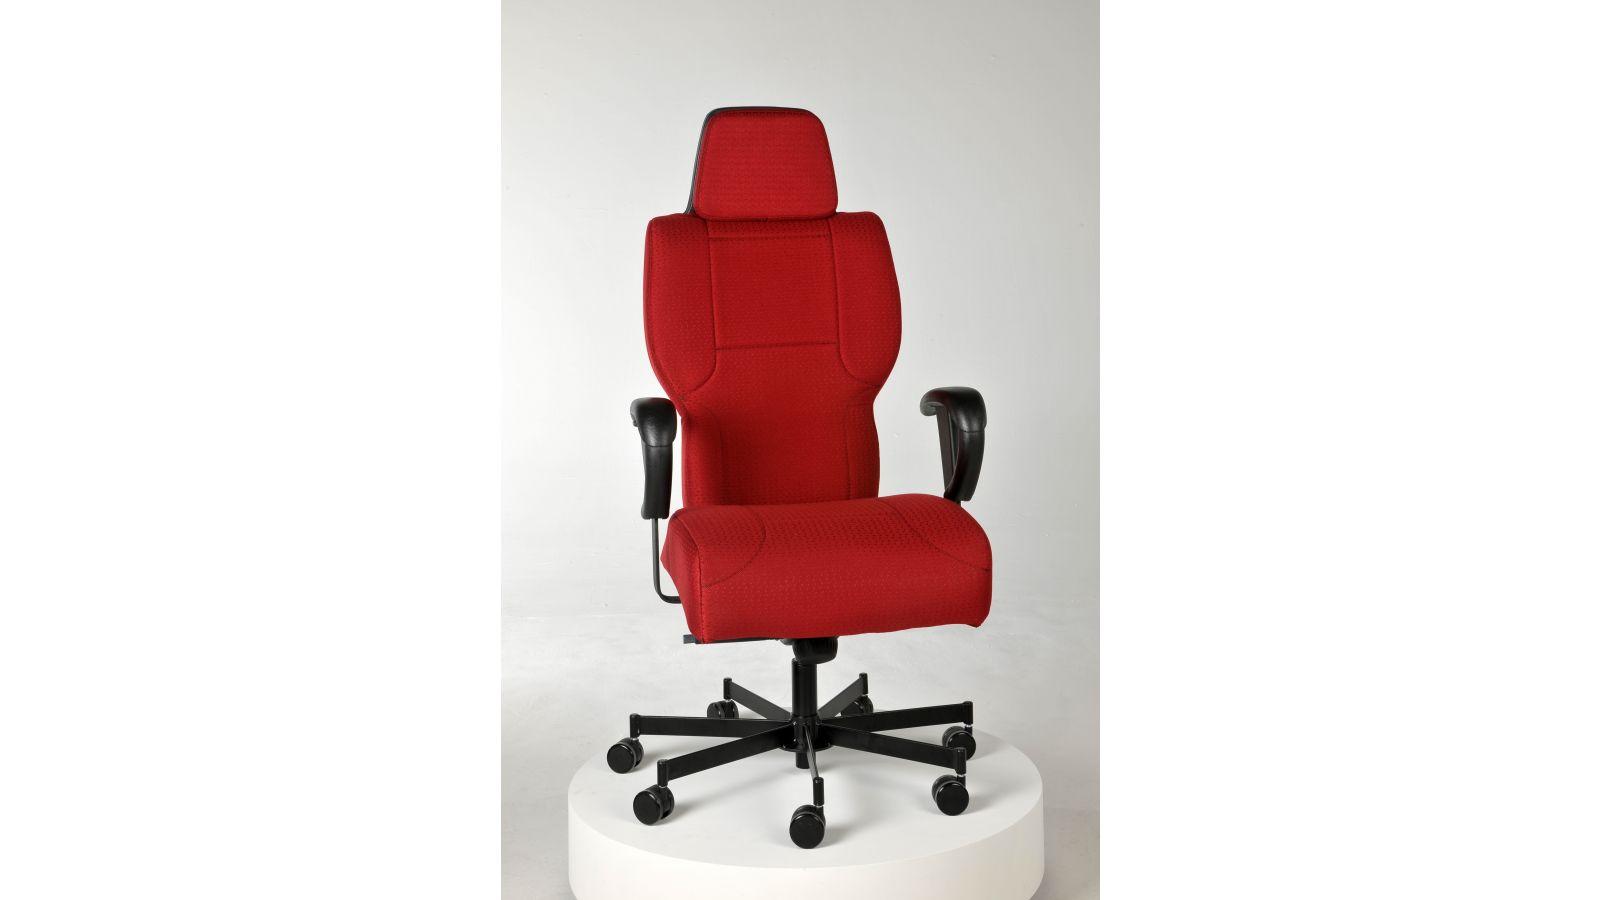 3142r1 High Back Chair